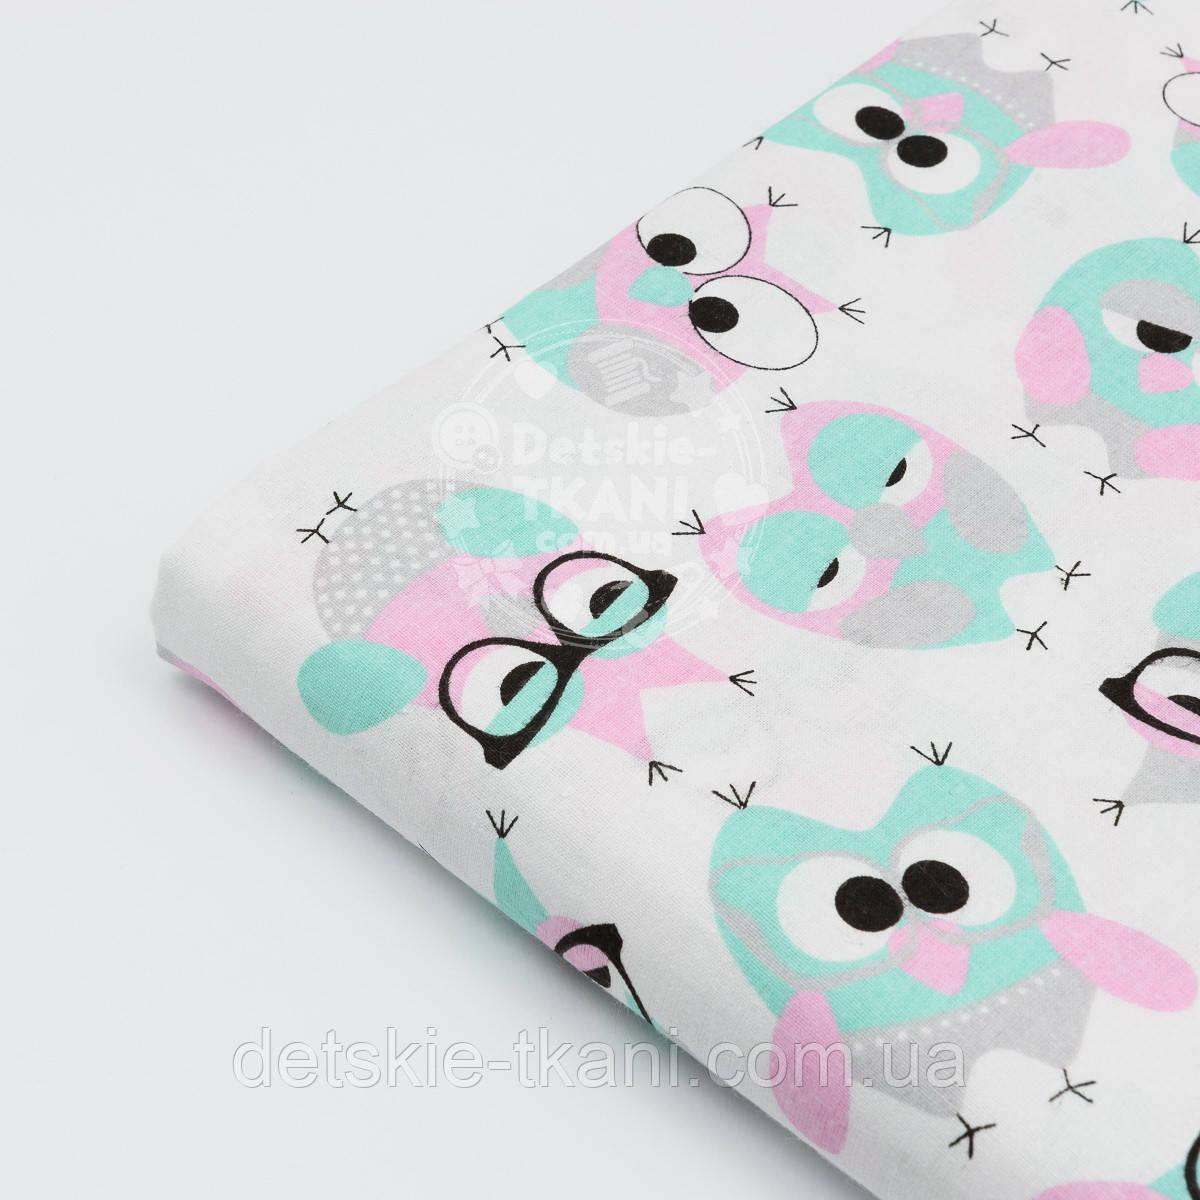 """Лоскут ткани №1182 """"Совы мятно-розовые"""", фон ткани белый , размер 41*80 см"""